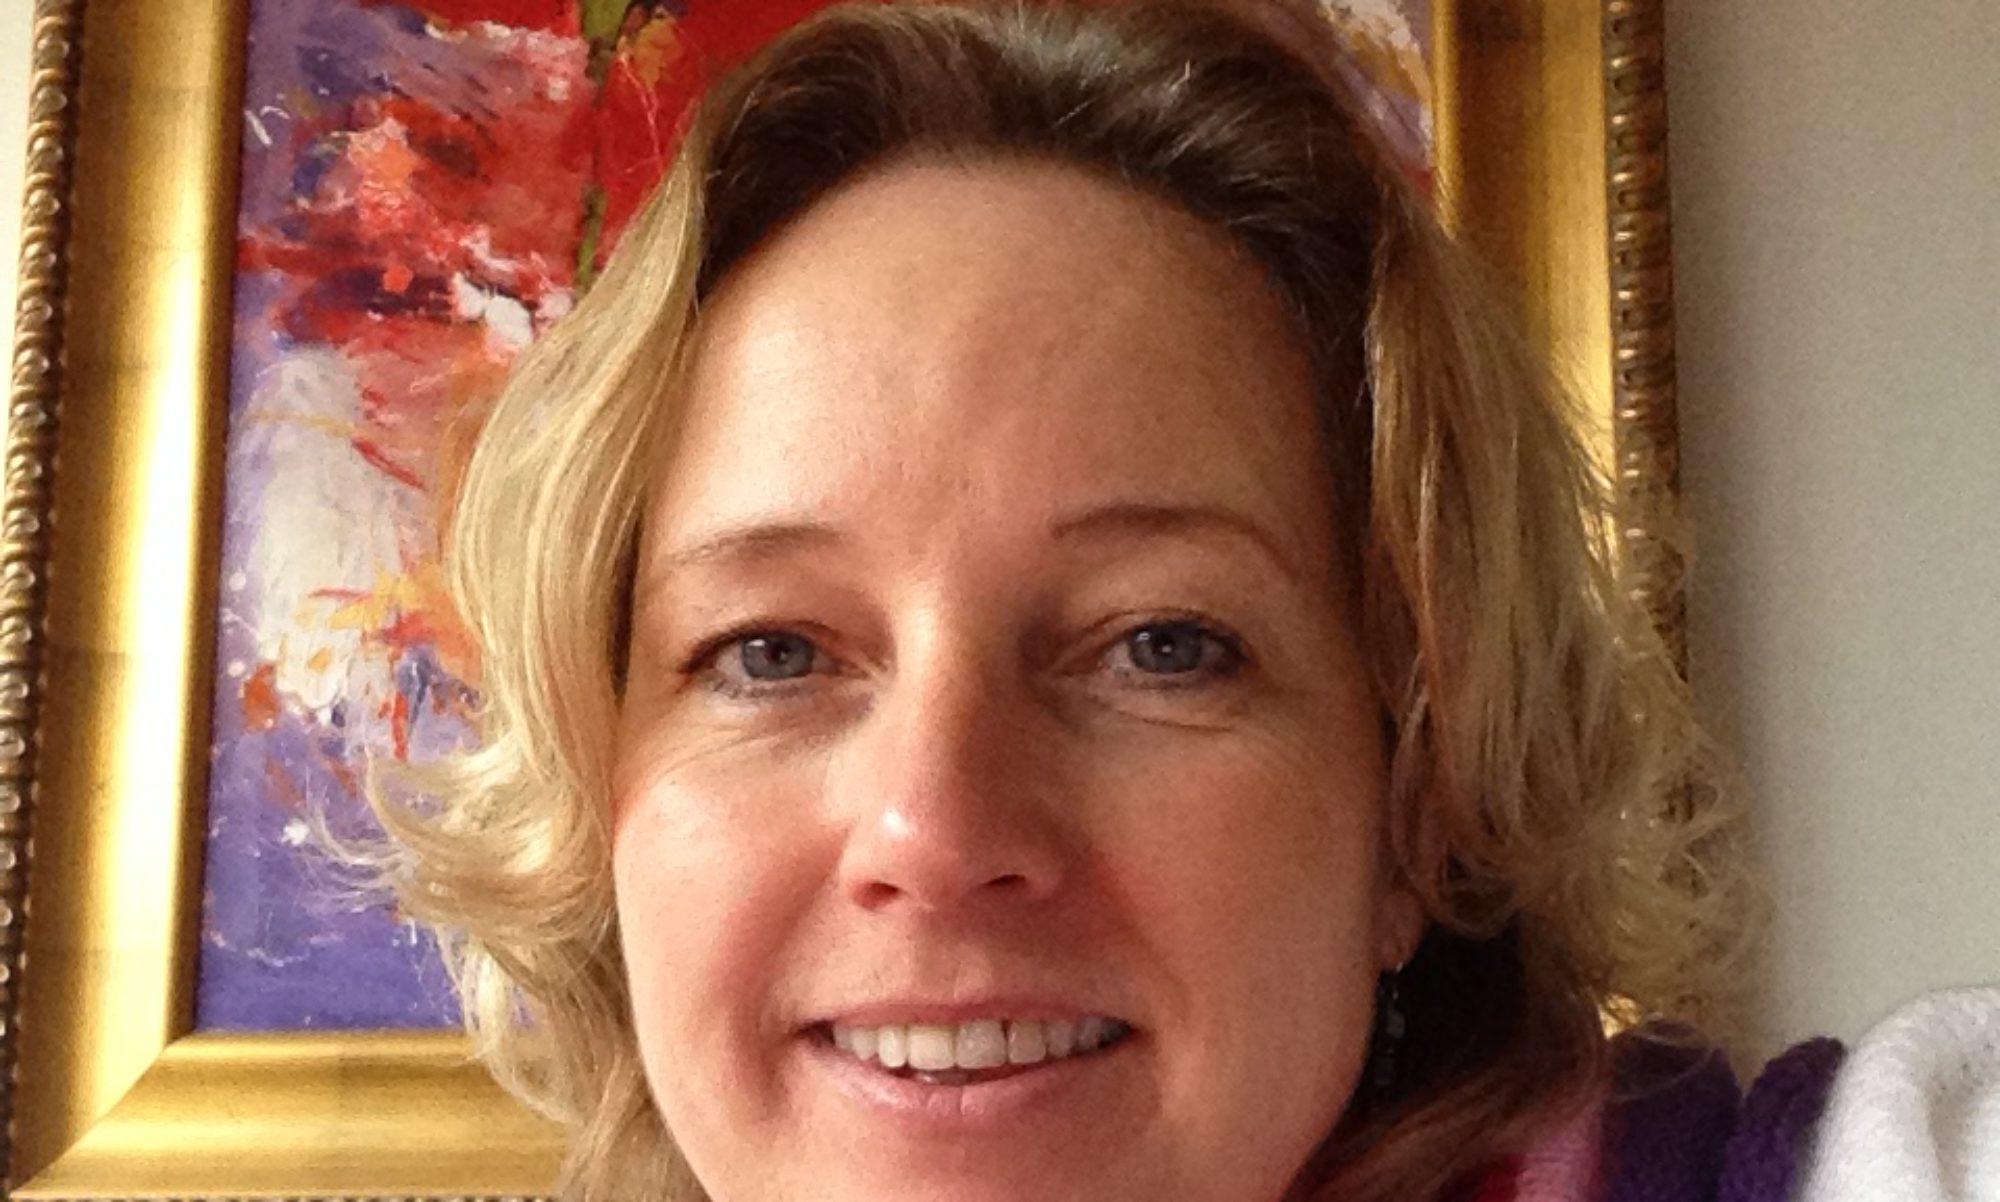 Claudia De Coninck-Ziegler-Zech